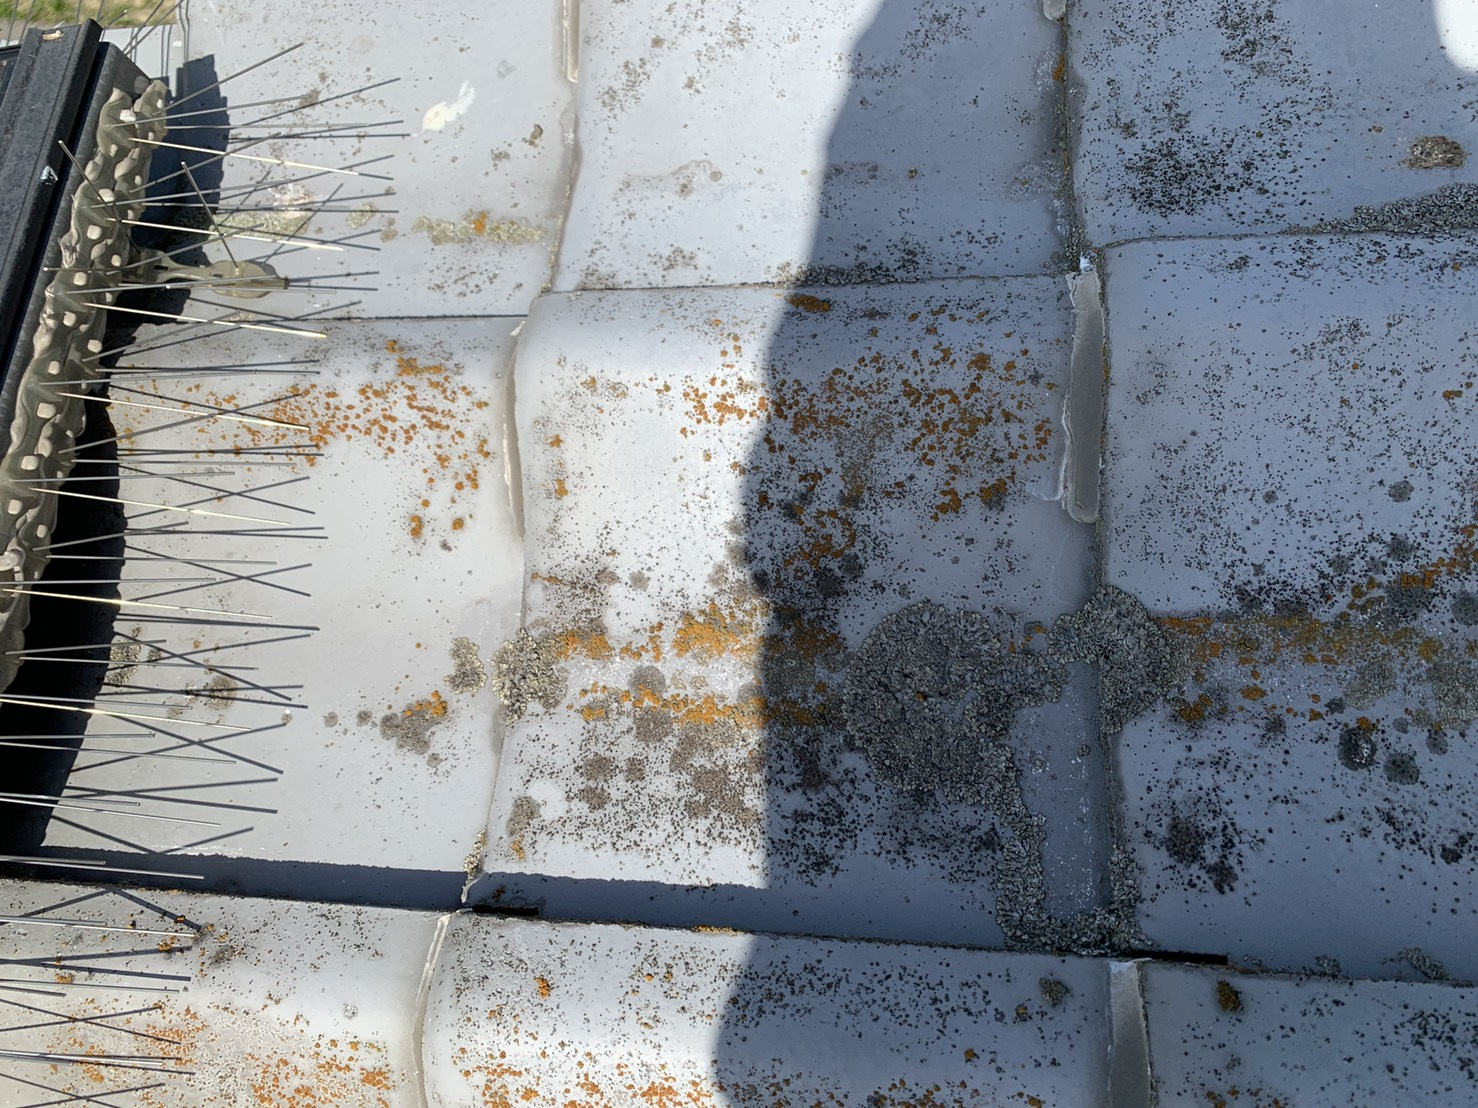 加古郡稲美町で雨漏り調査で発見した瓦屋根表面に発生している苔の様子